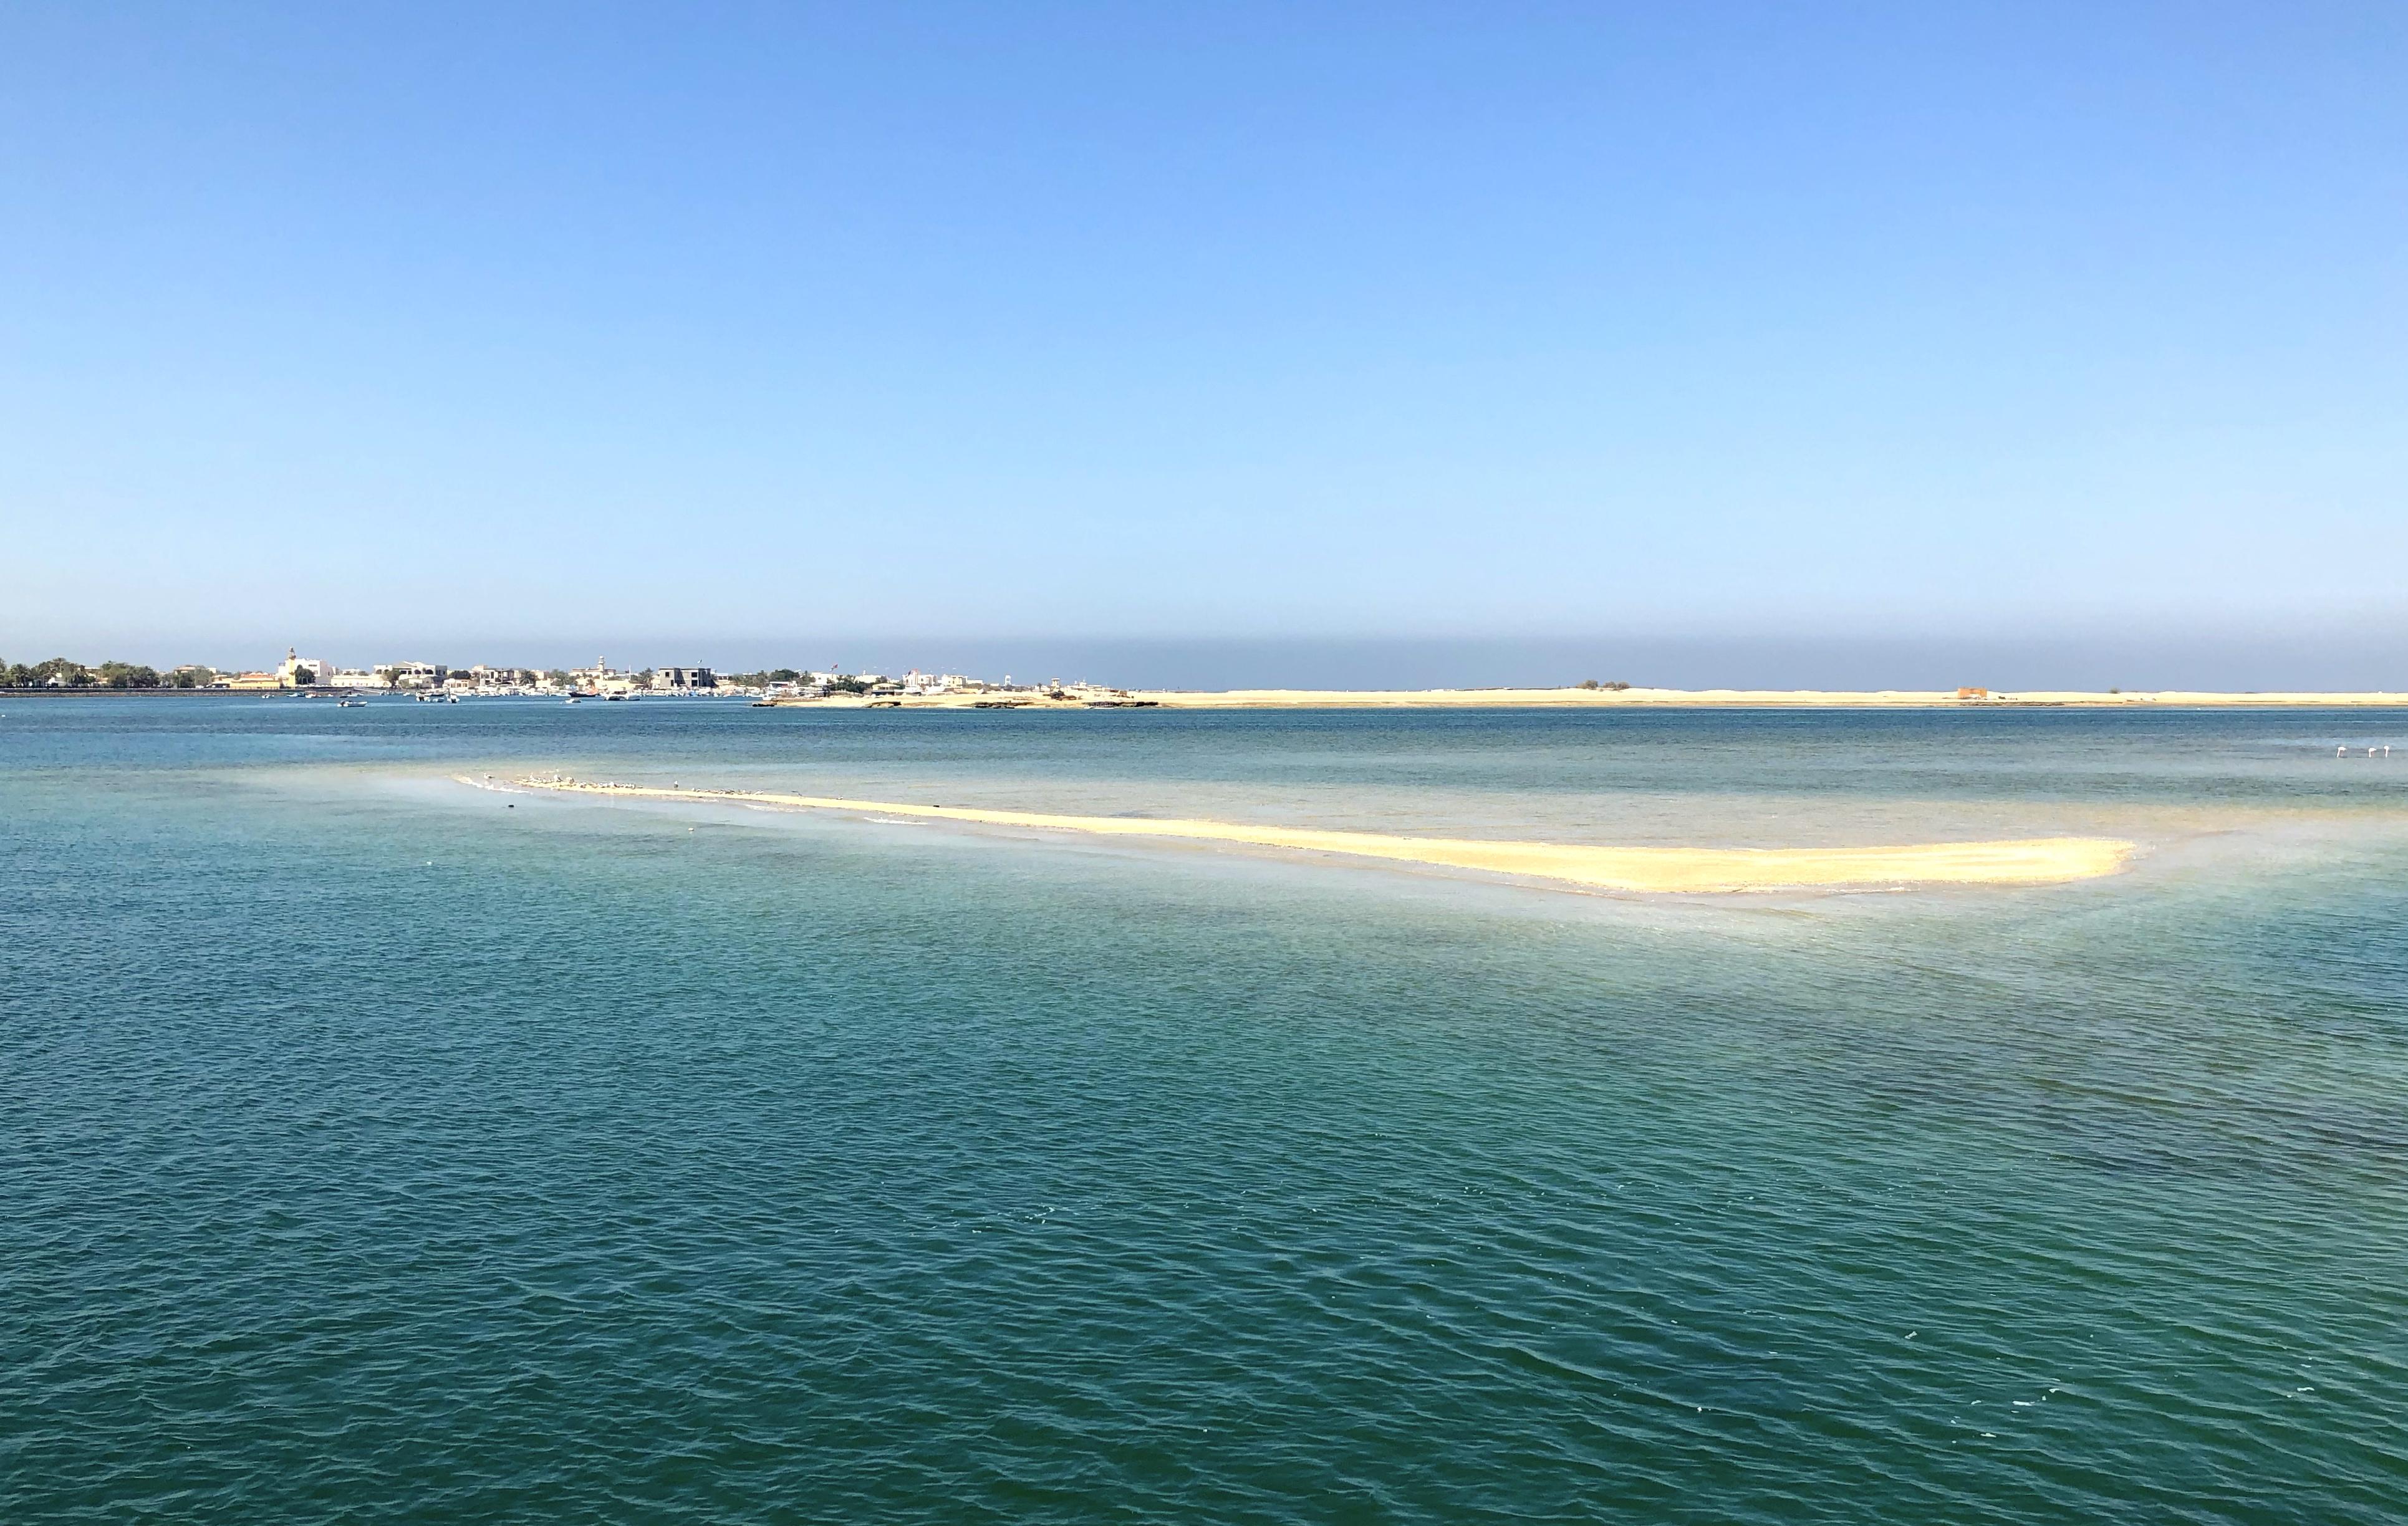 Ras Al Khaimah, UAE, 2018 111